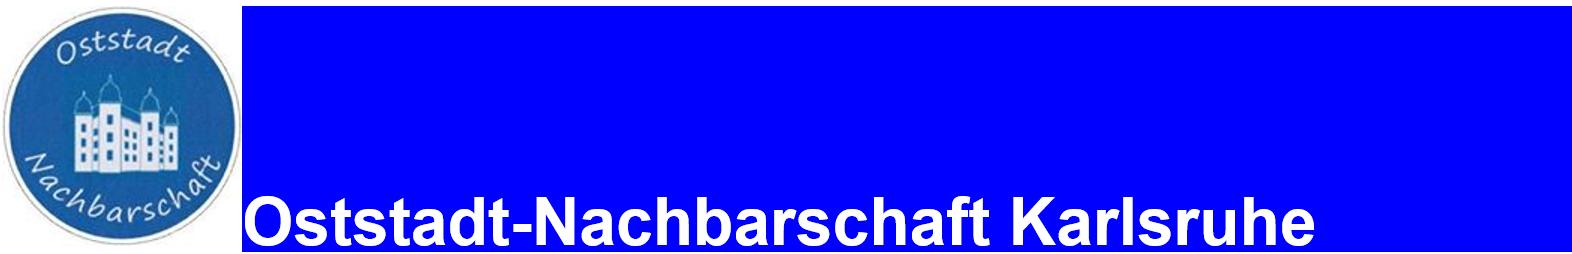 Oststadt-Nachbarschaft Karlsruhe